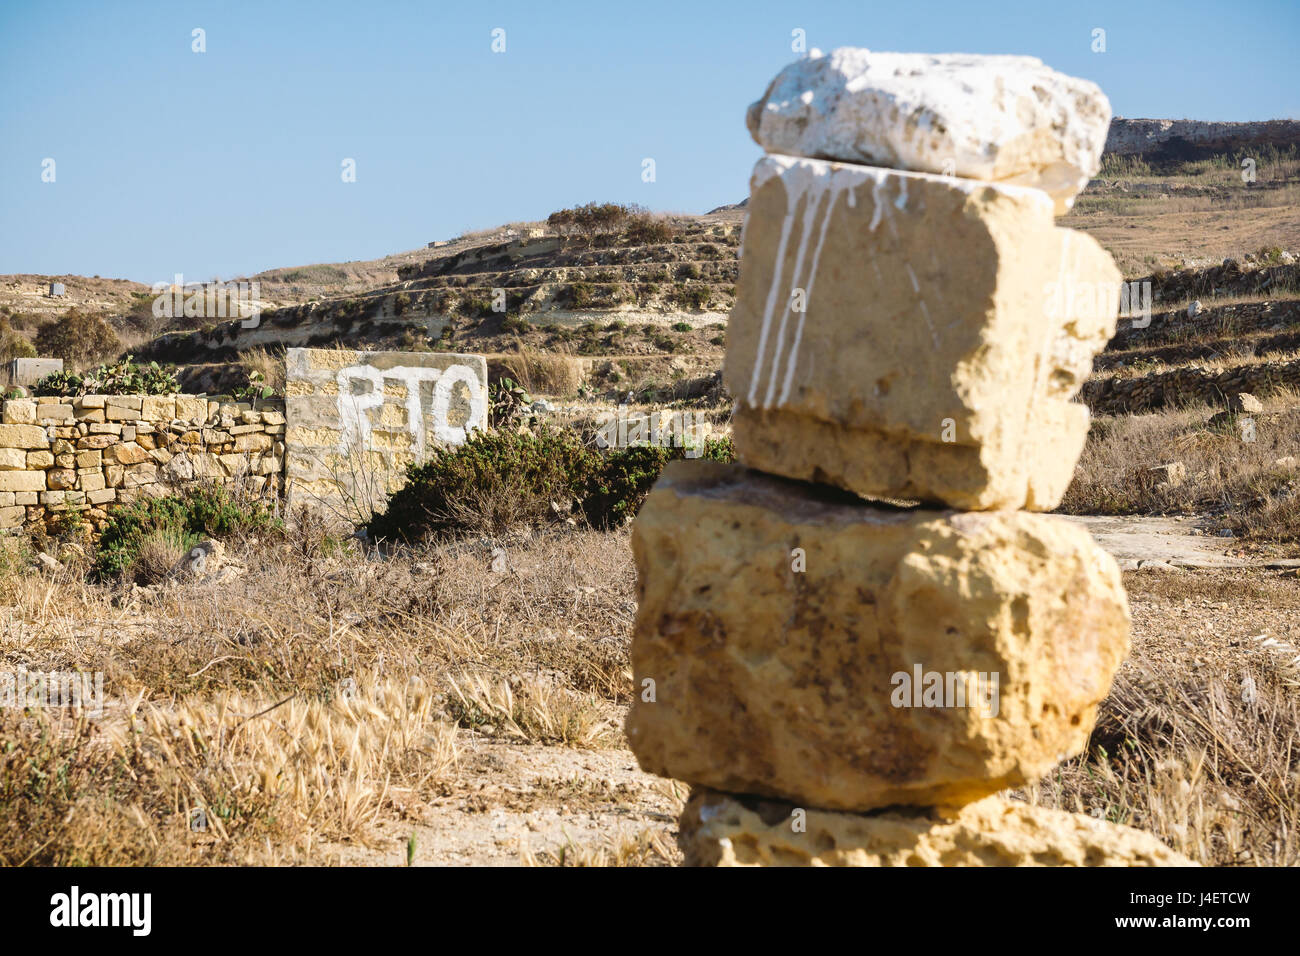 Dipinto di segno che indica presumibilmente un terreno privato a Malta e Gozo. RTO dipinto in bianco su un edificio Immagini Stock